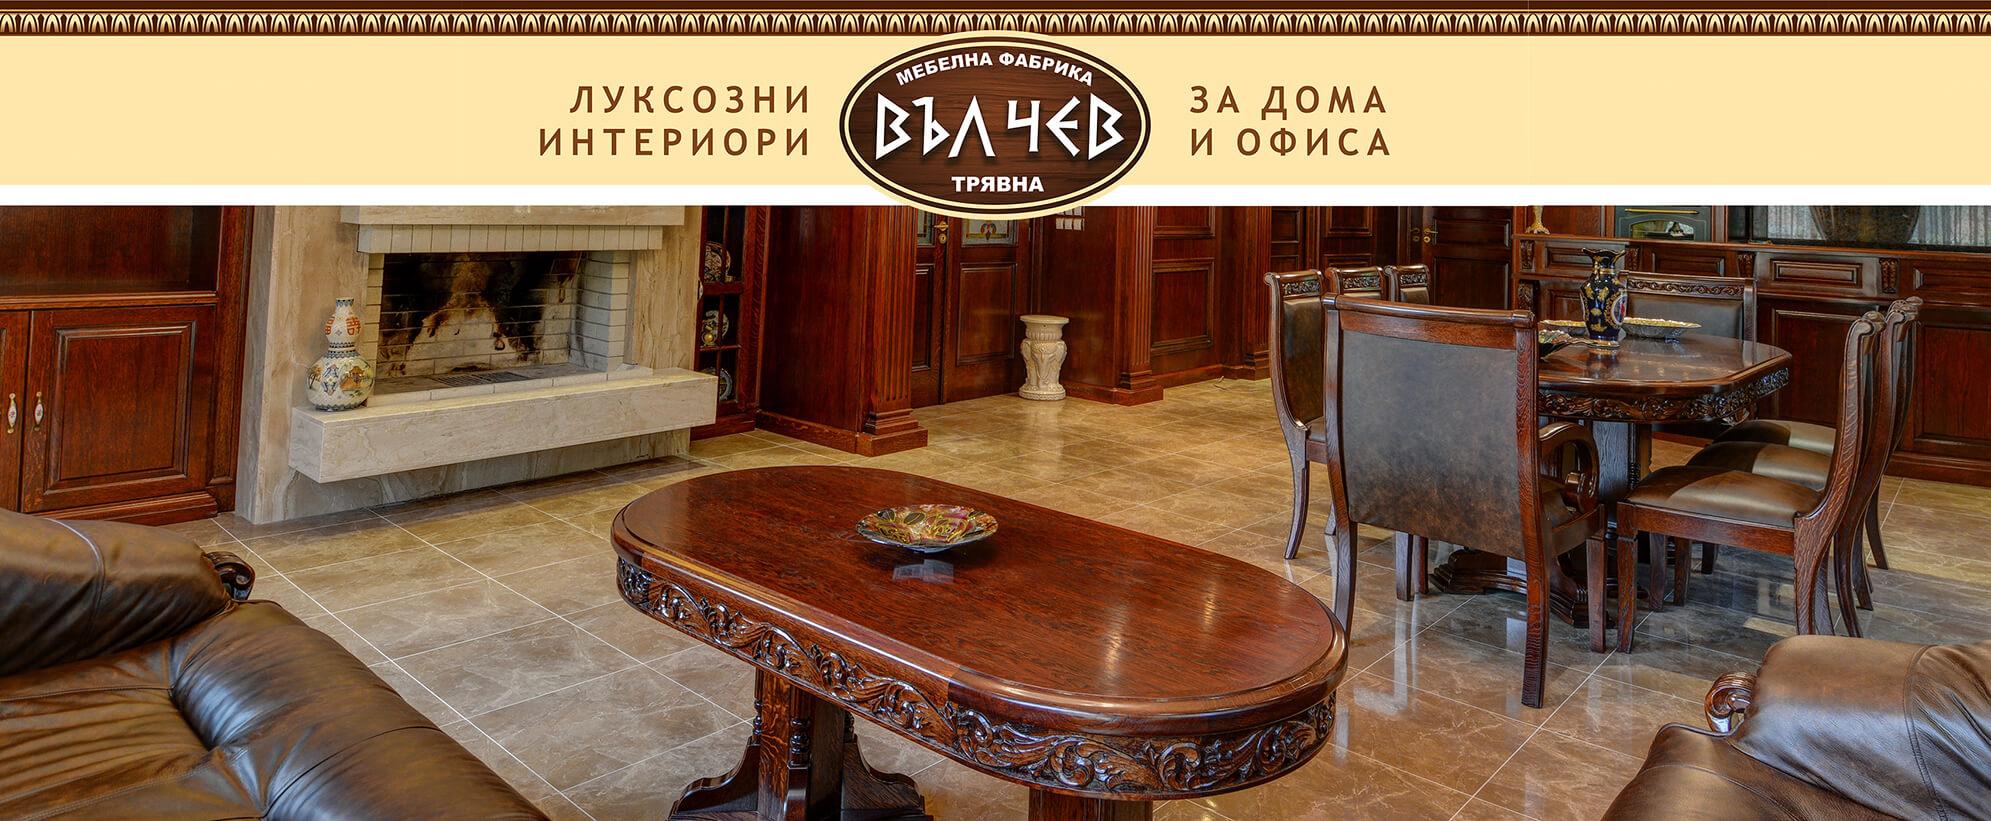 Луксозни мебели и интериорни от масивен дъб и дърворезба